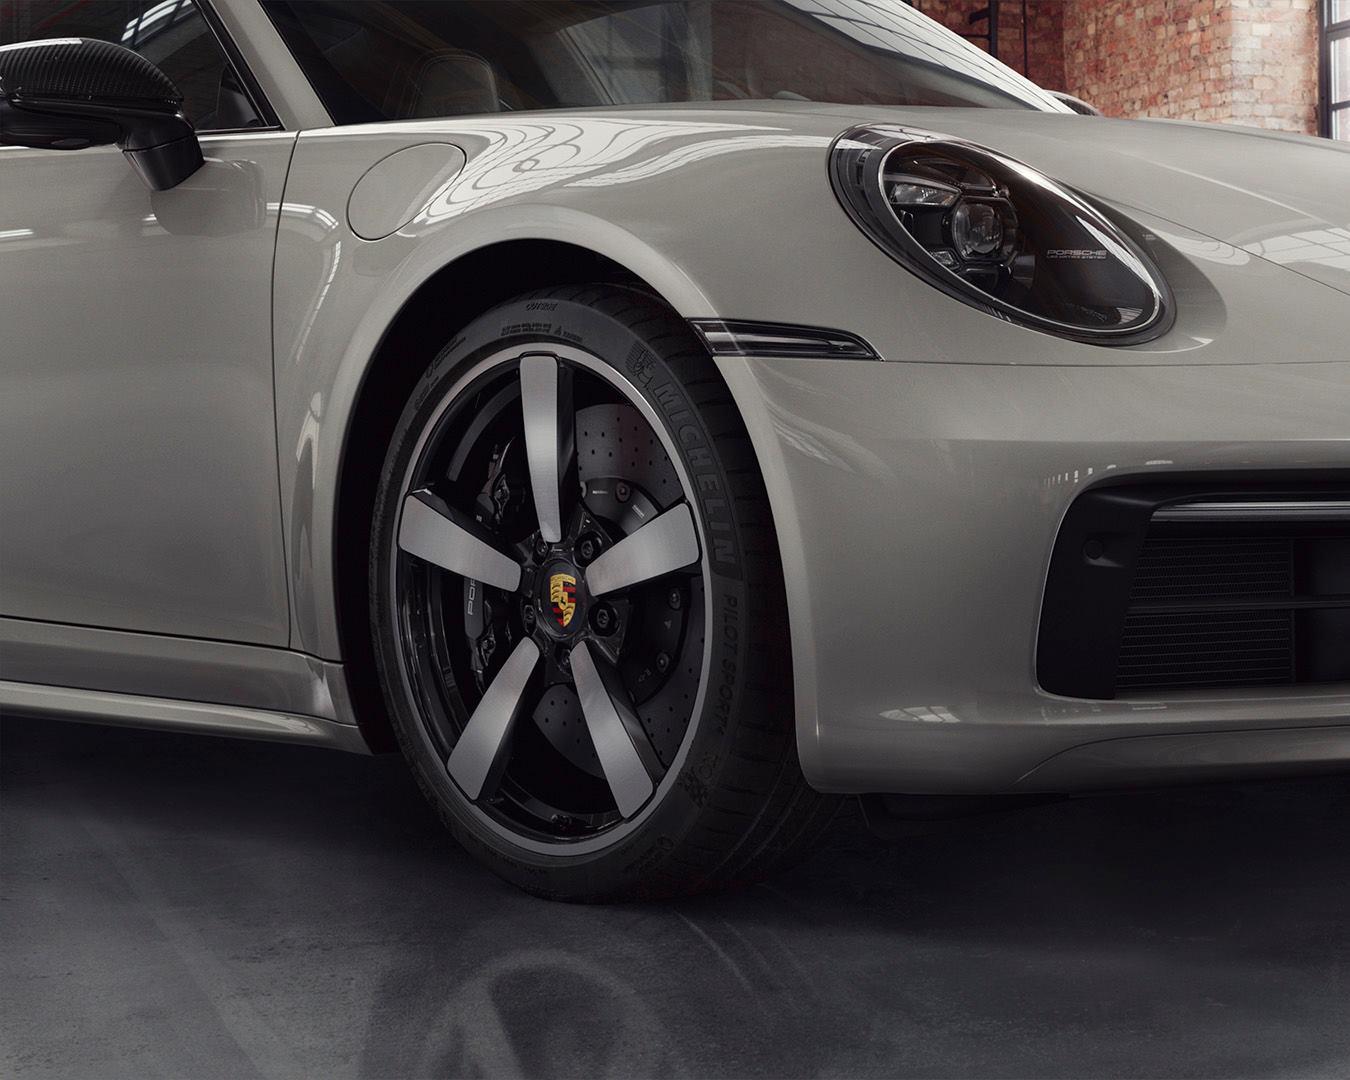 New 911 by Porsche Exclusive (2)